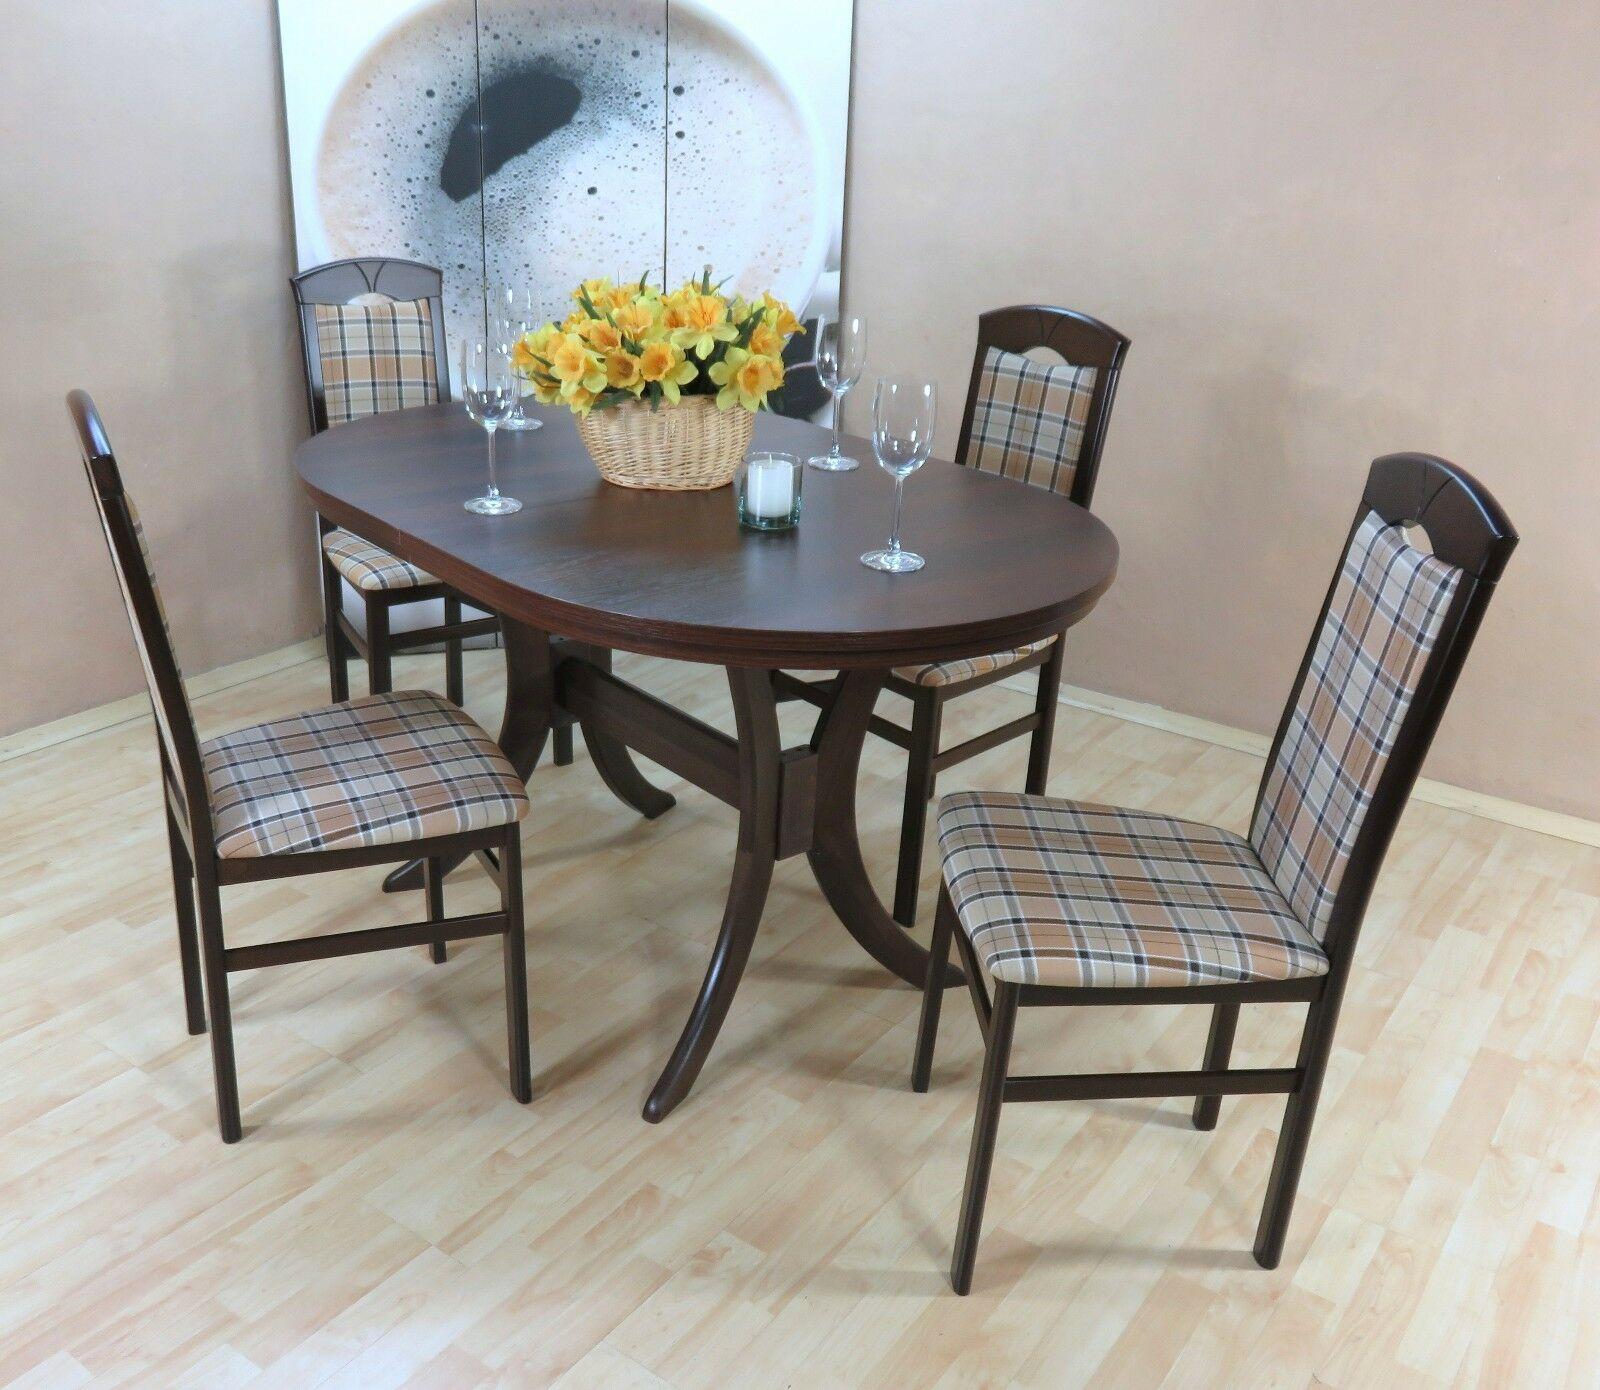 Moderne Tischgruppe 5 Teilig Nuss Braun Massiv Stühle Tisch Günstig